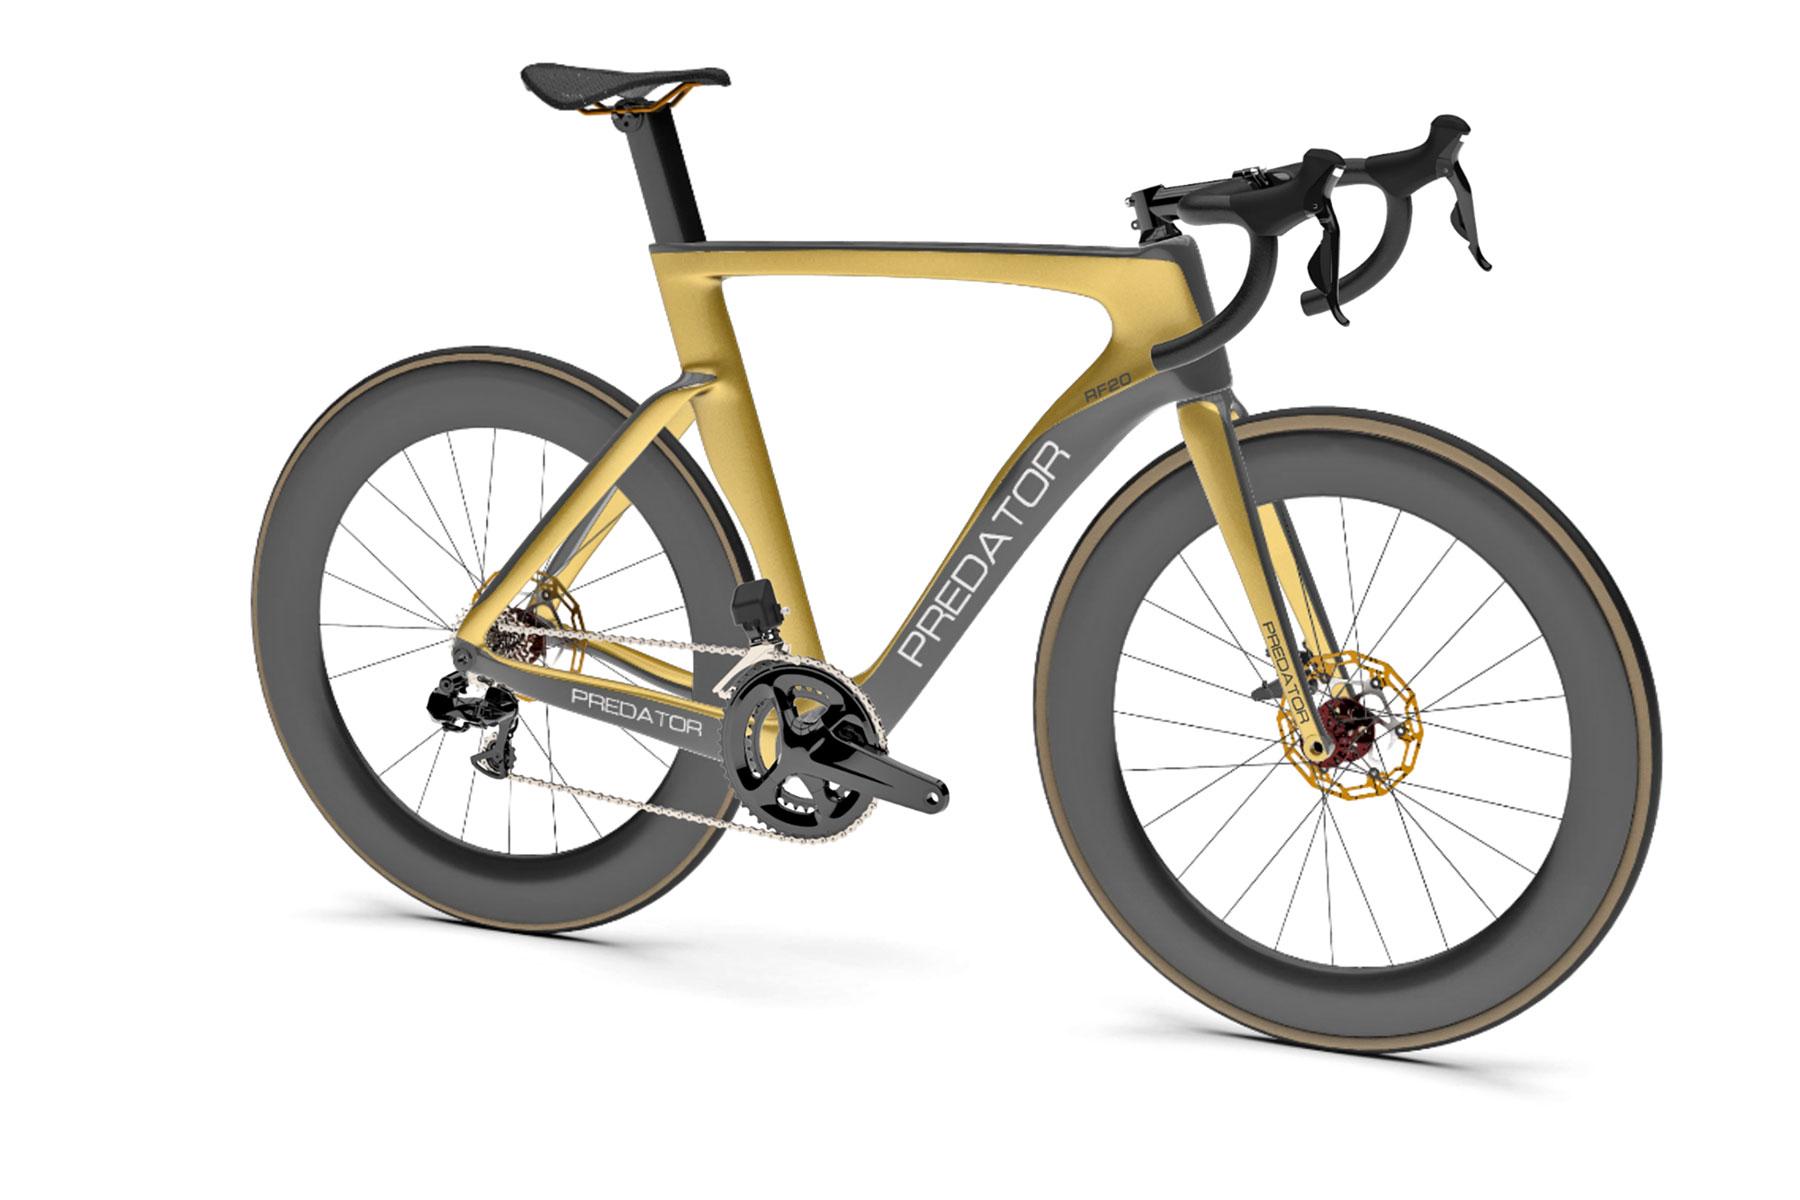 Trouvé: Le vélo de route aérodynamique Predator RF20 génère du carbone personnalisé, fabriqué aux États-Unis